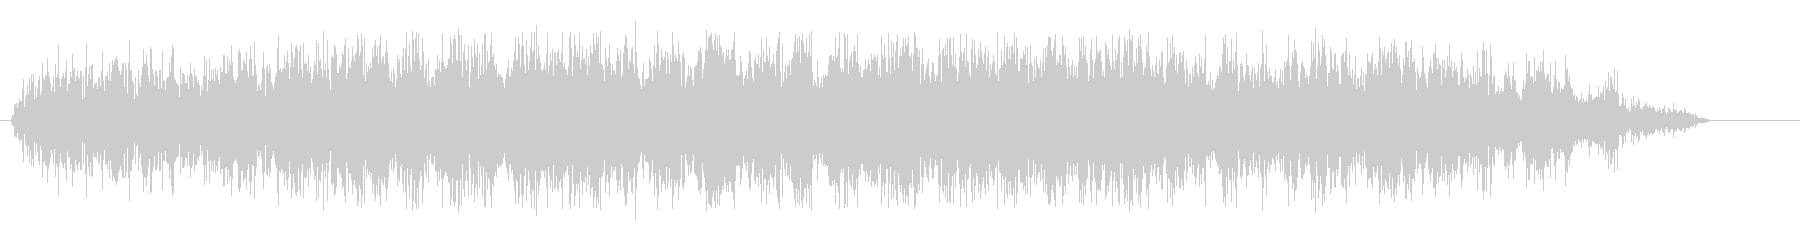 シャァ(キリキリ音)の未再生の波形